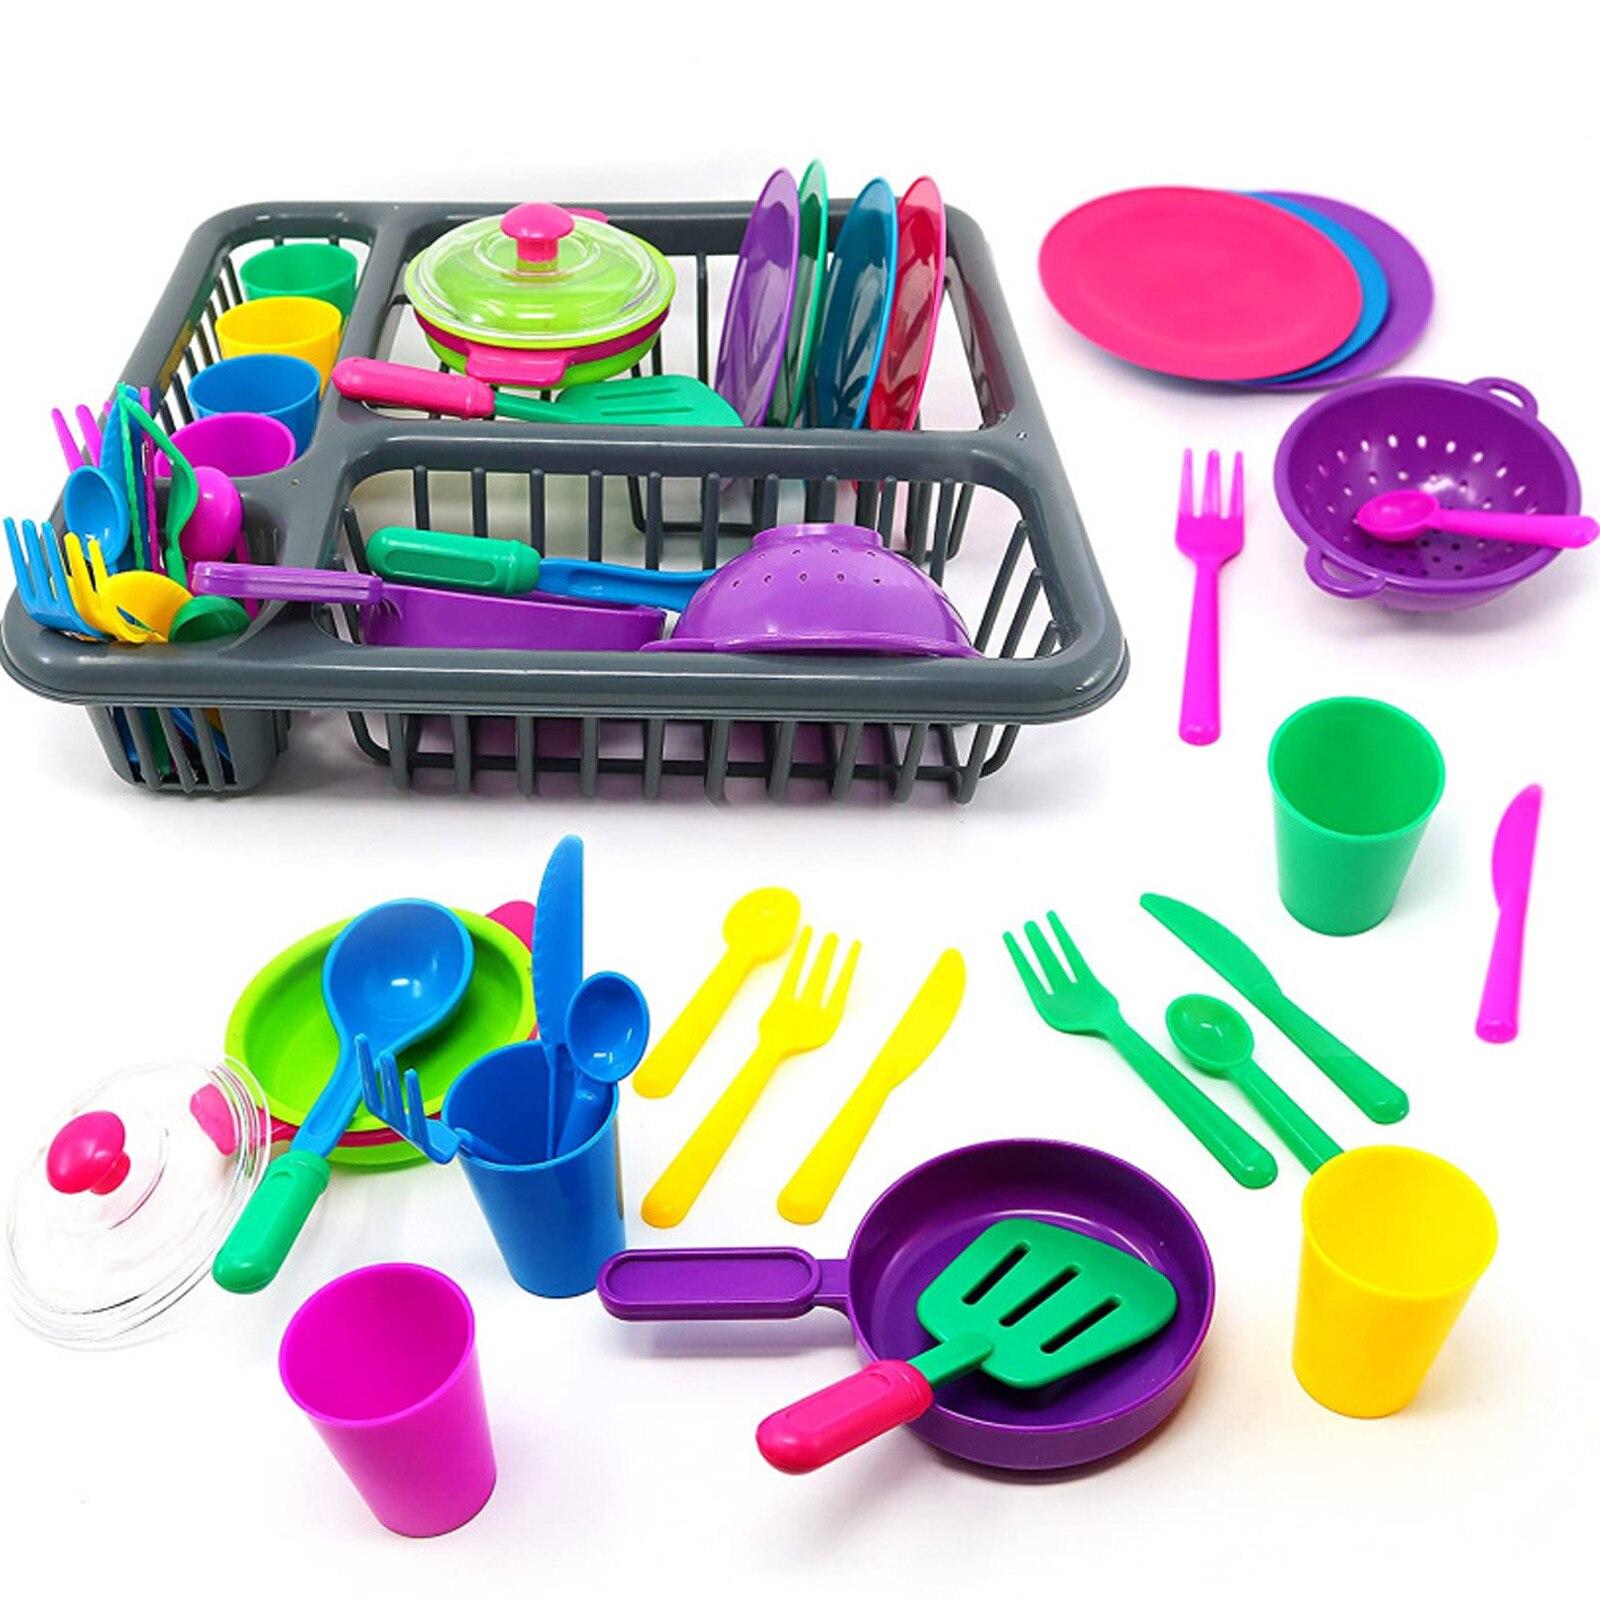 Vajilla de cocina para niños y niñas, juego de vajilla con platos y juguetes para juego de roles, regalo de cumpleaños y Navidad, 27 Uds.